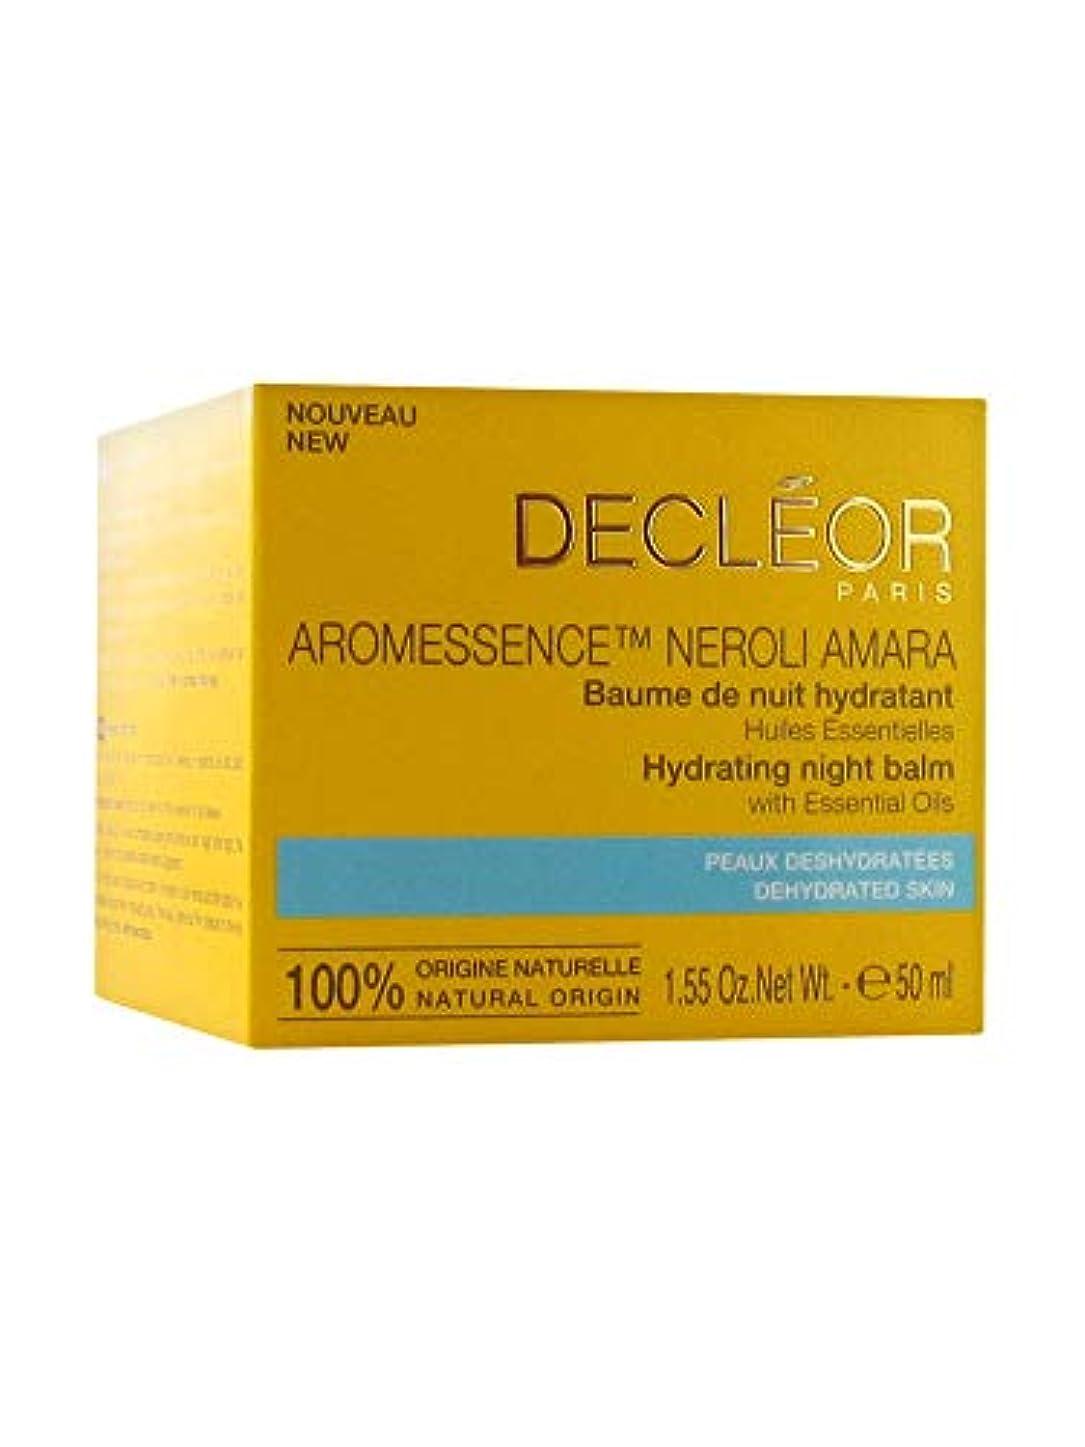 ツーリストふくろう帝国主義デクレオール Aromessence Neroli Amara Hydrating Night Balm - For Dehydrated Skin 50ml/1.55oz並行輸入品